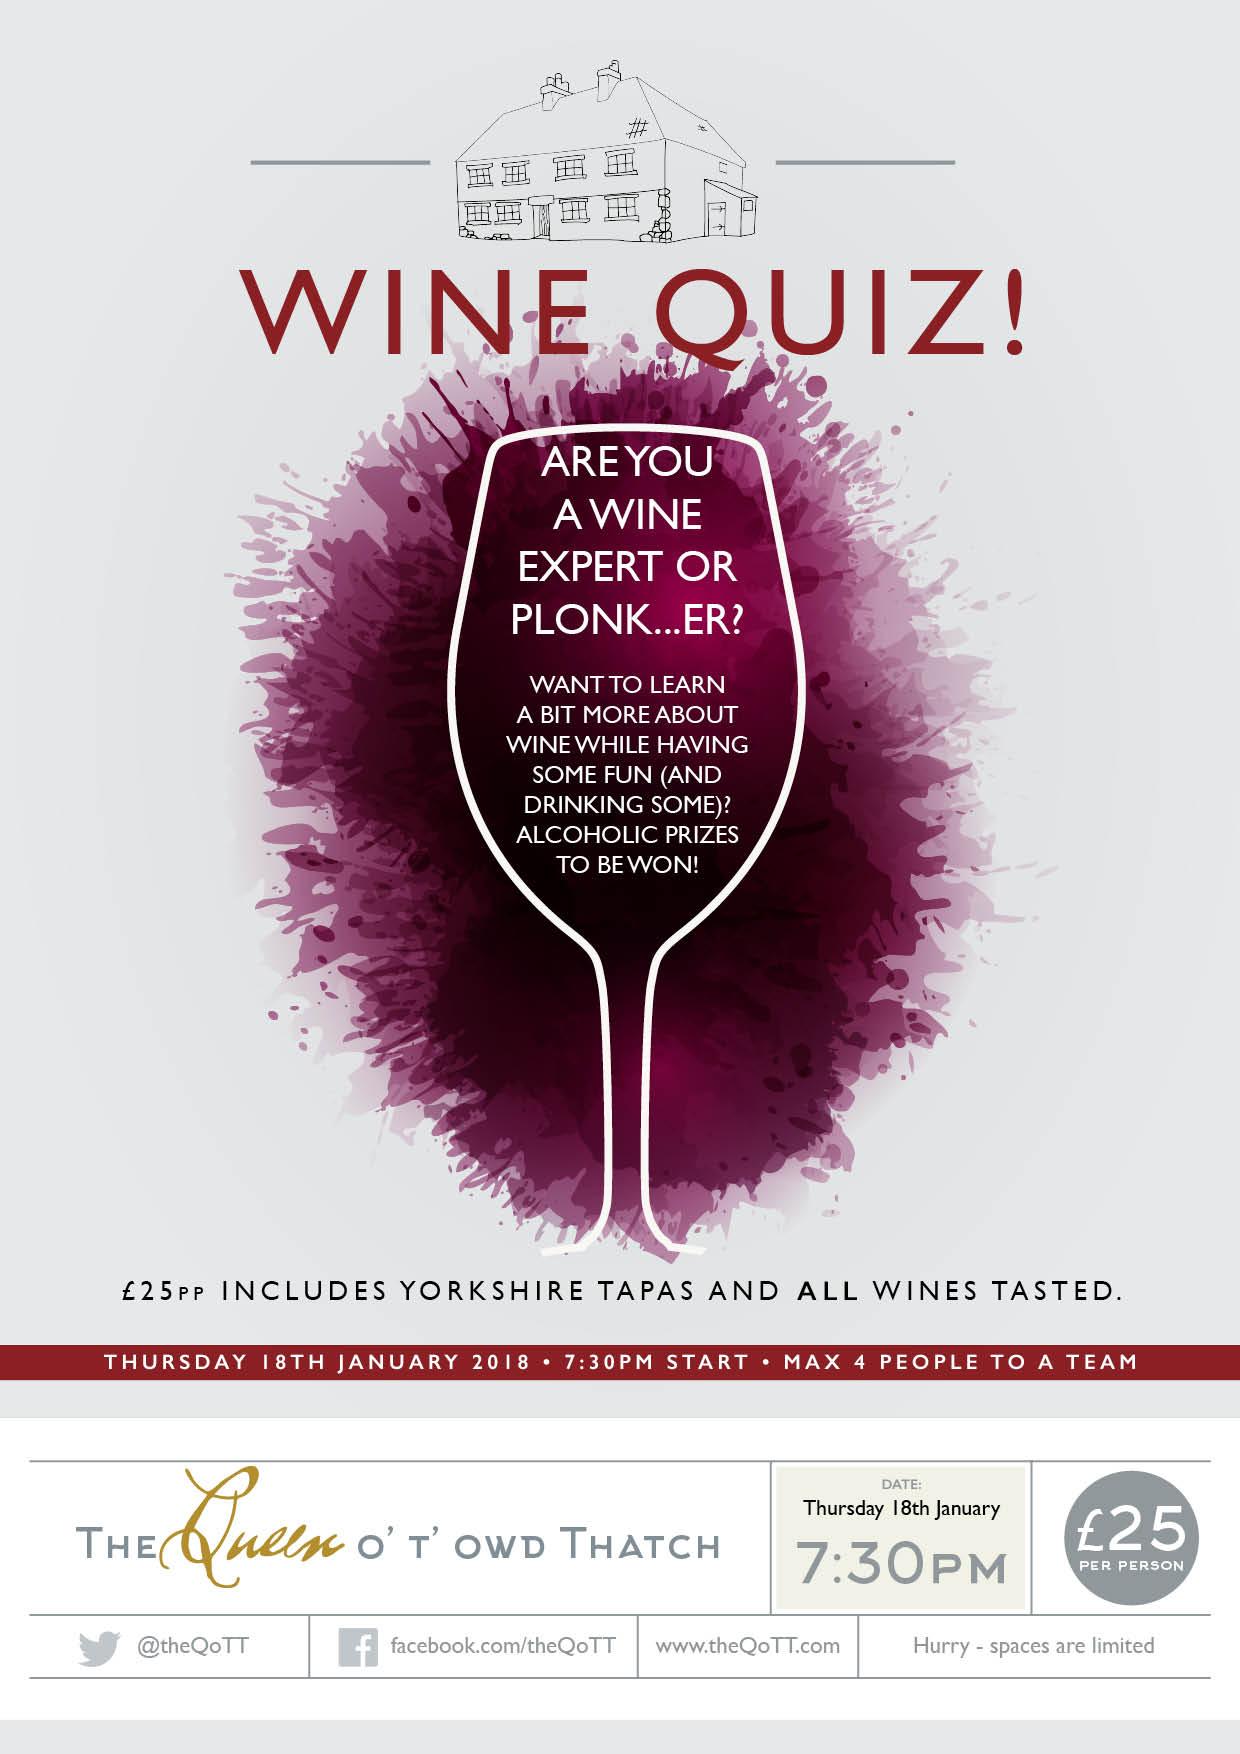 wine_quiz_2018.jpg